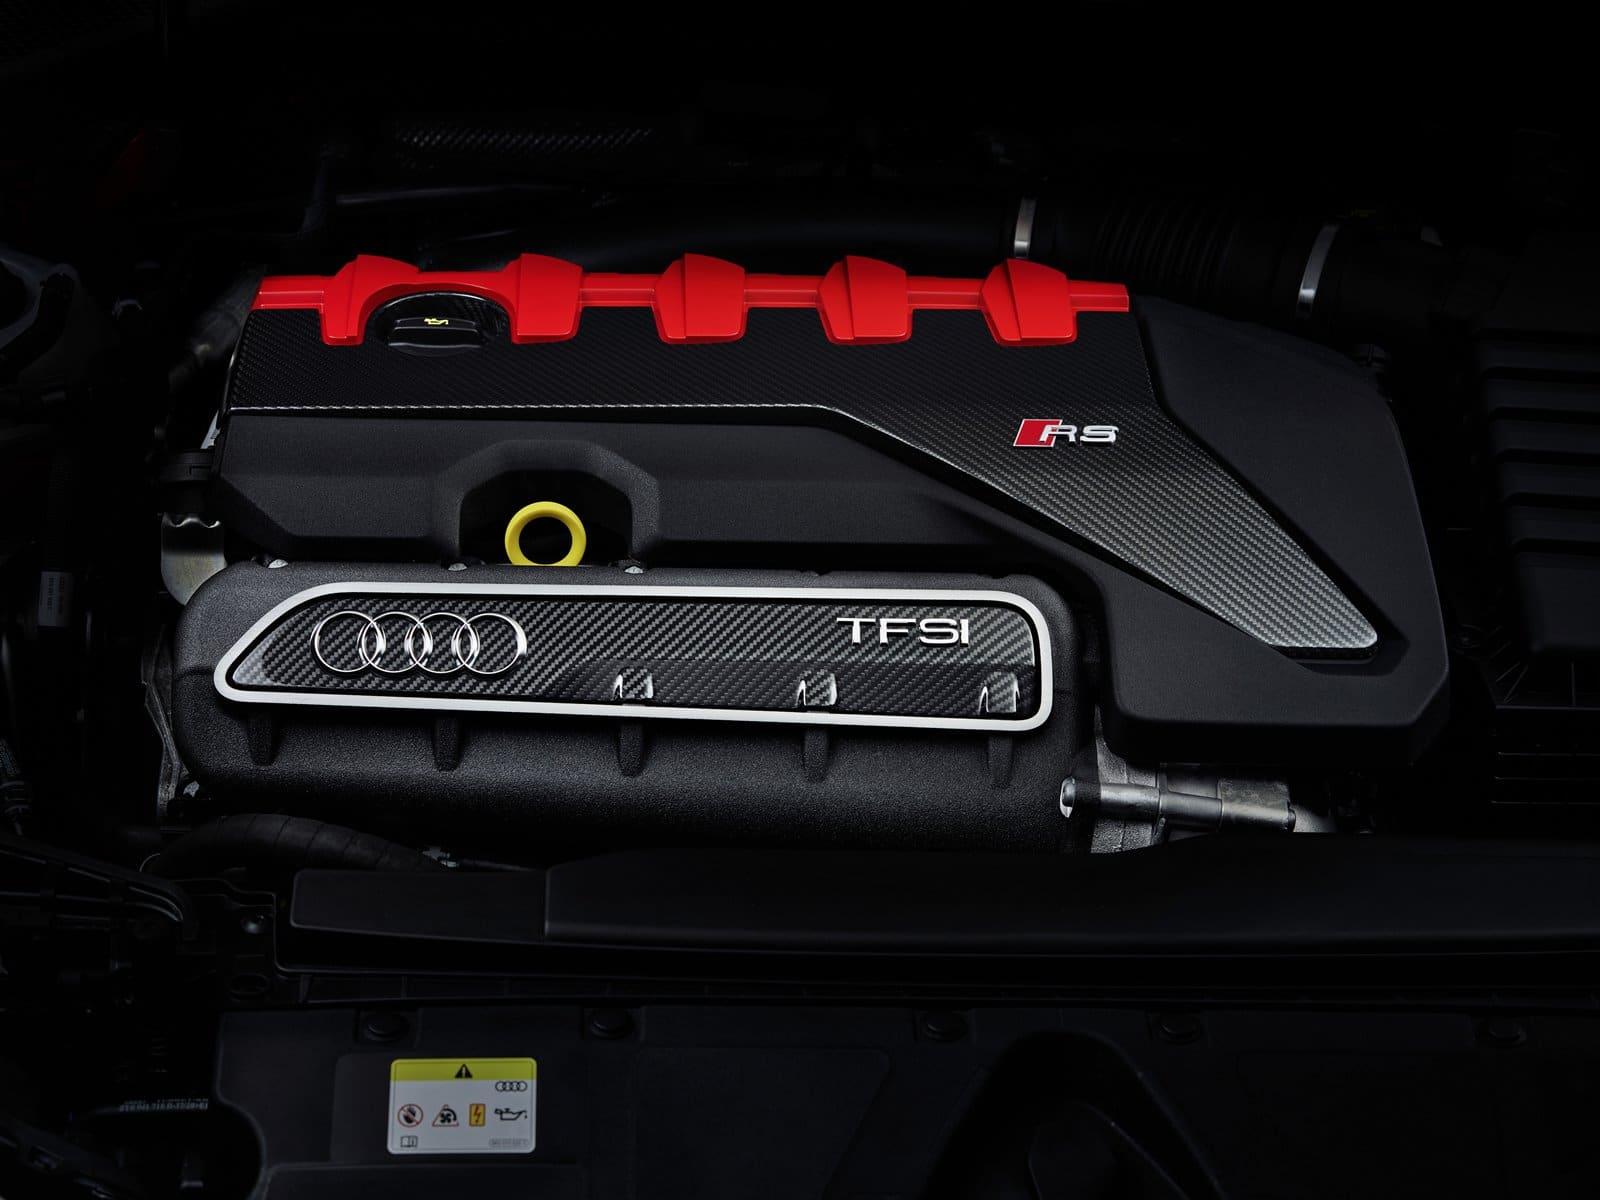 El sonido del Audi RS 3 2021 es sencillamente espectacular